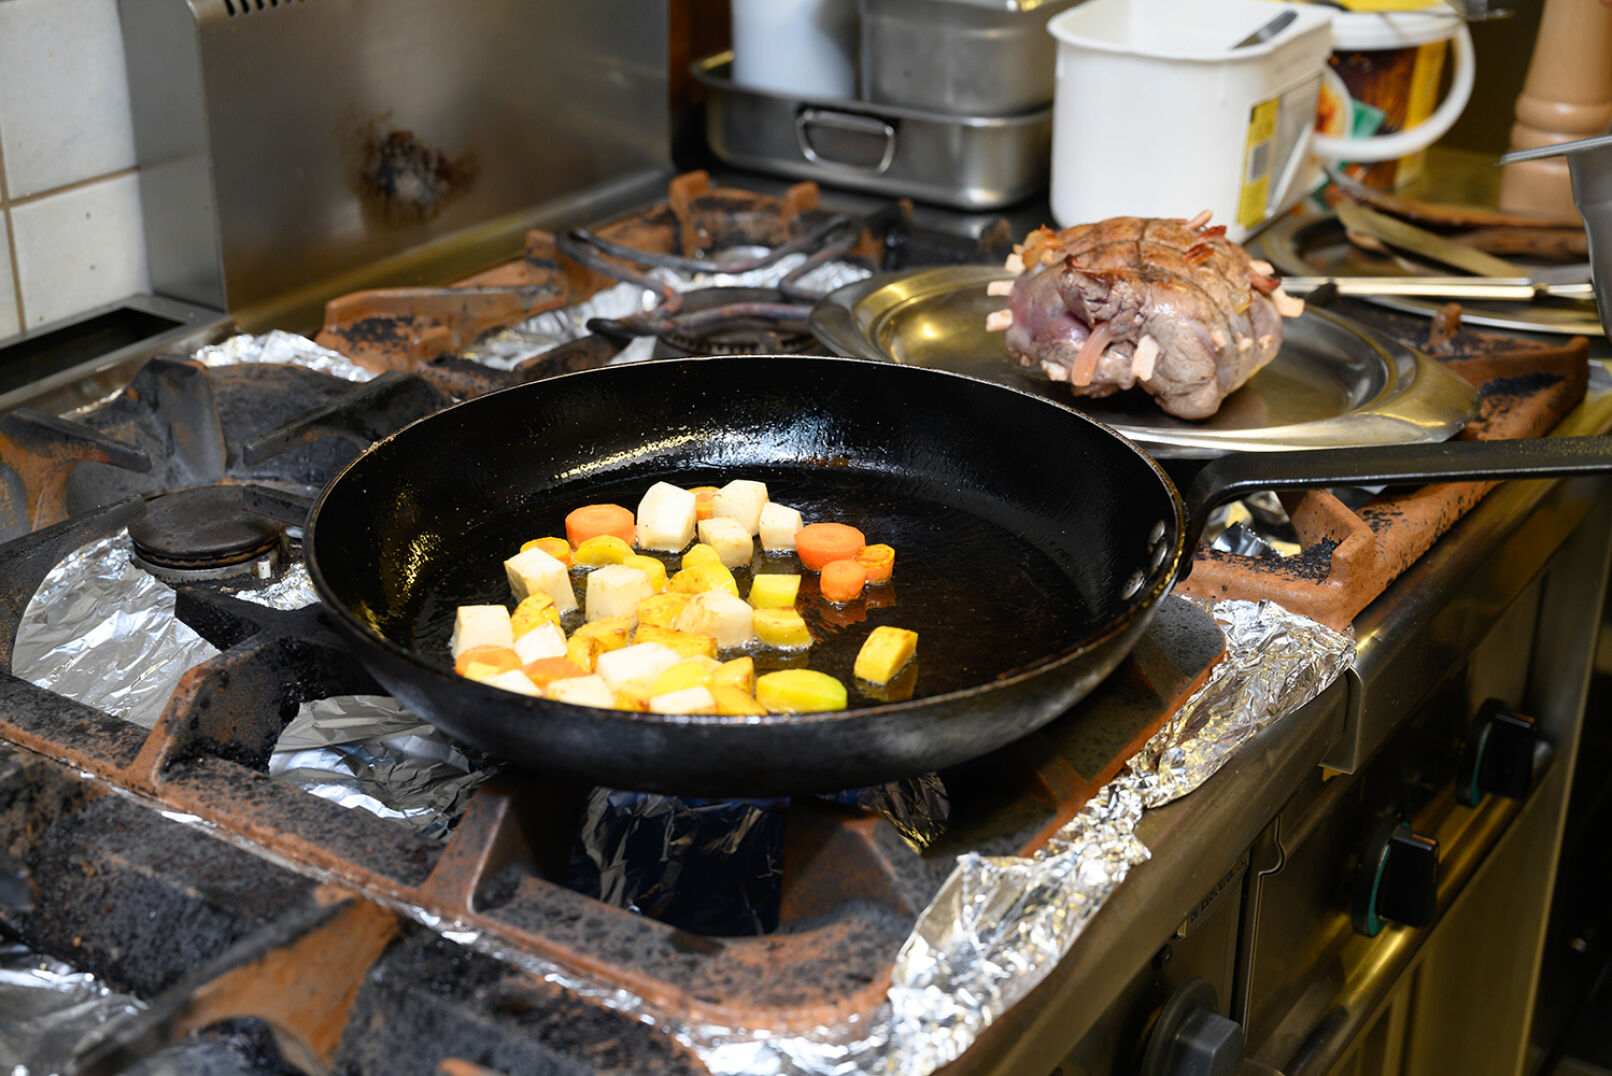 Fleisch auf einem separaten Teller beiseite legen und das Gemüse im Bratenrückstand weiterbraten. - © Barbara Marko